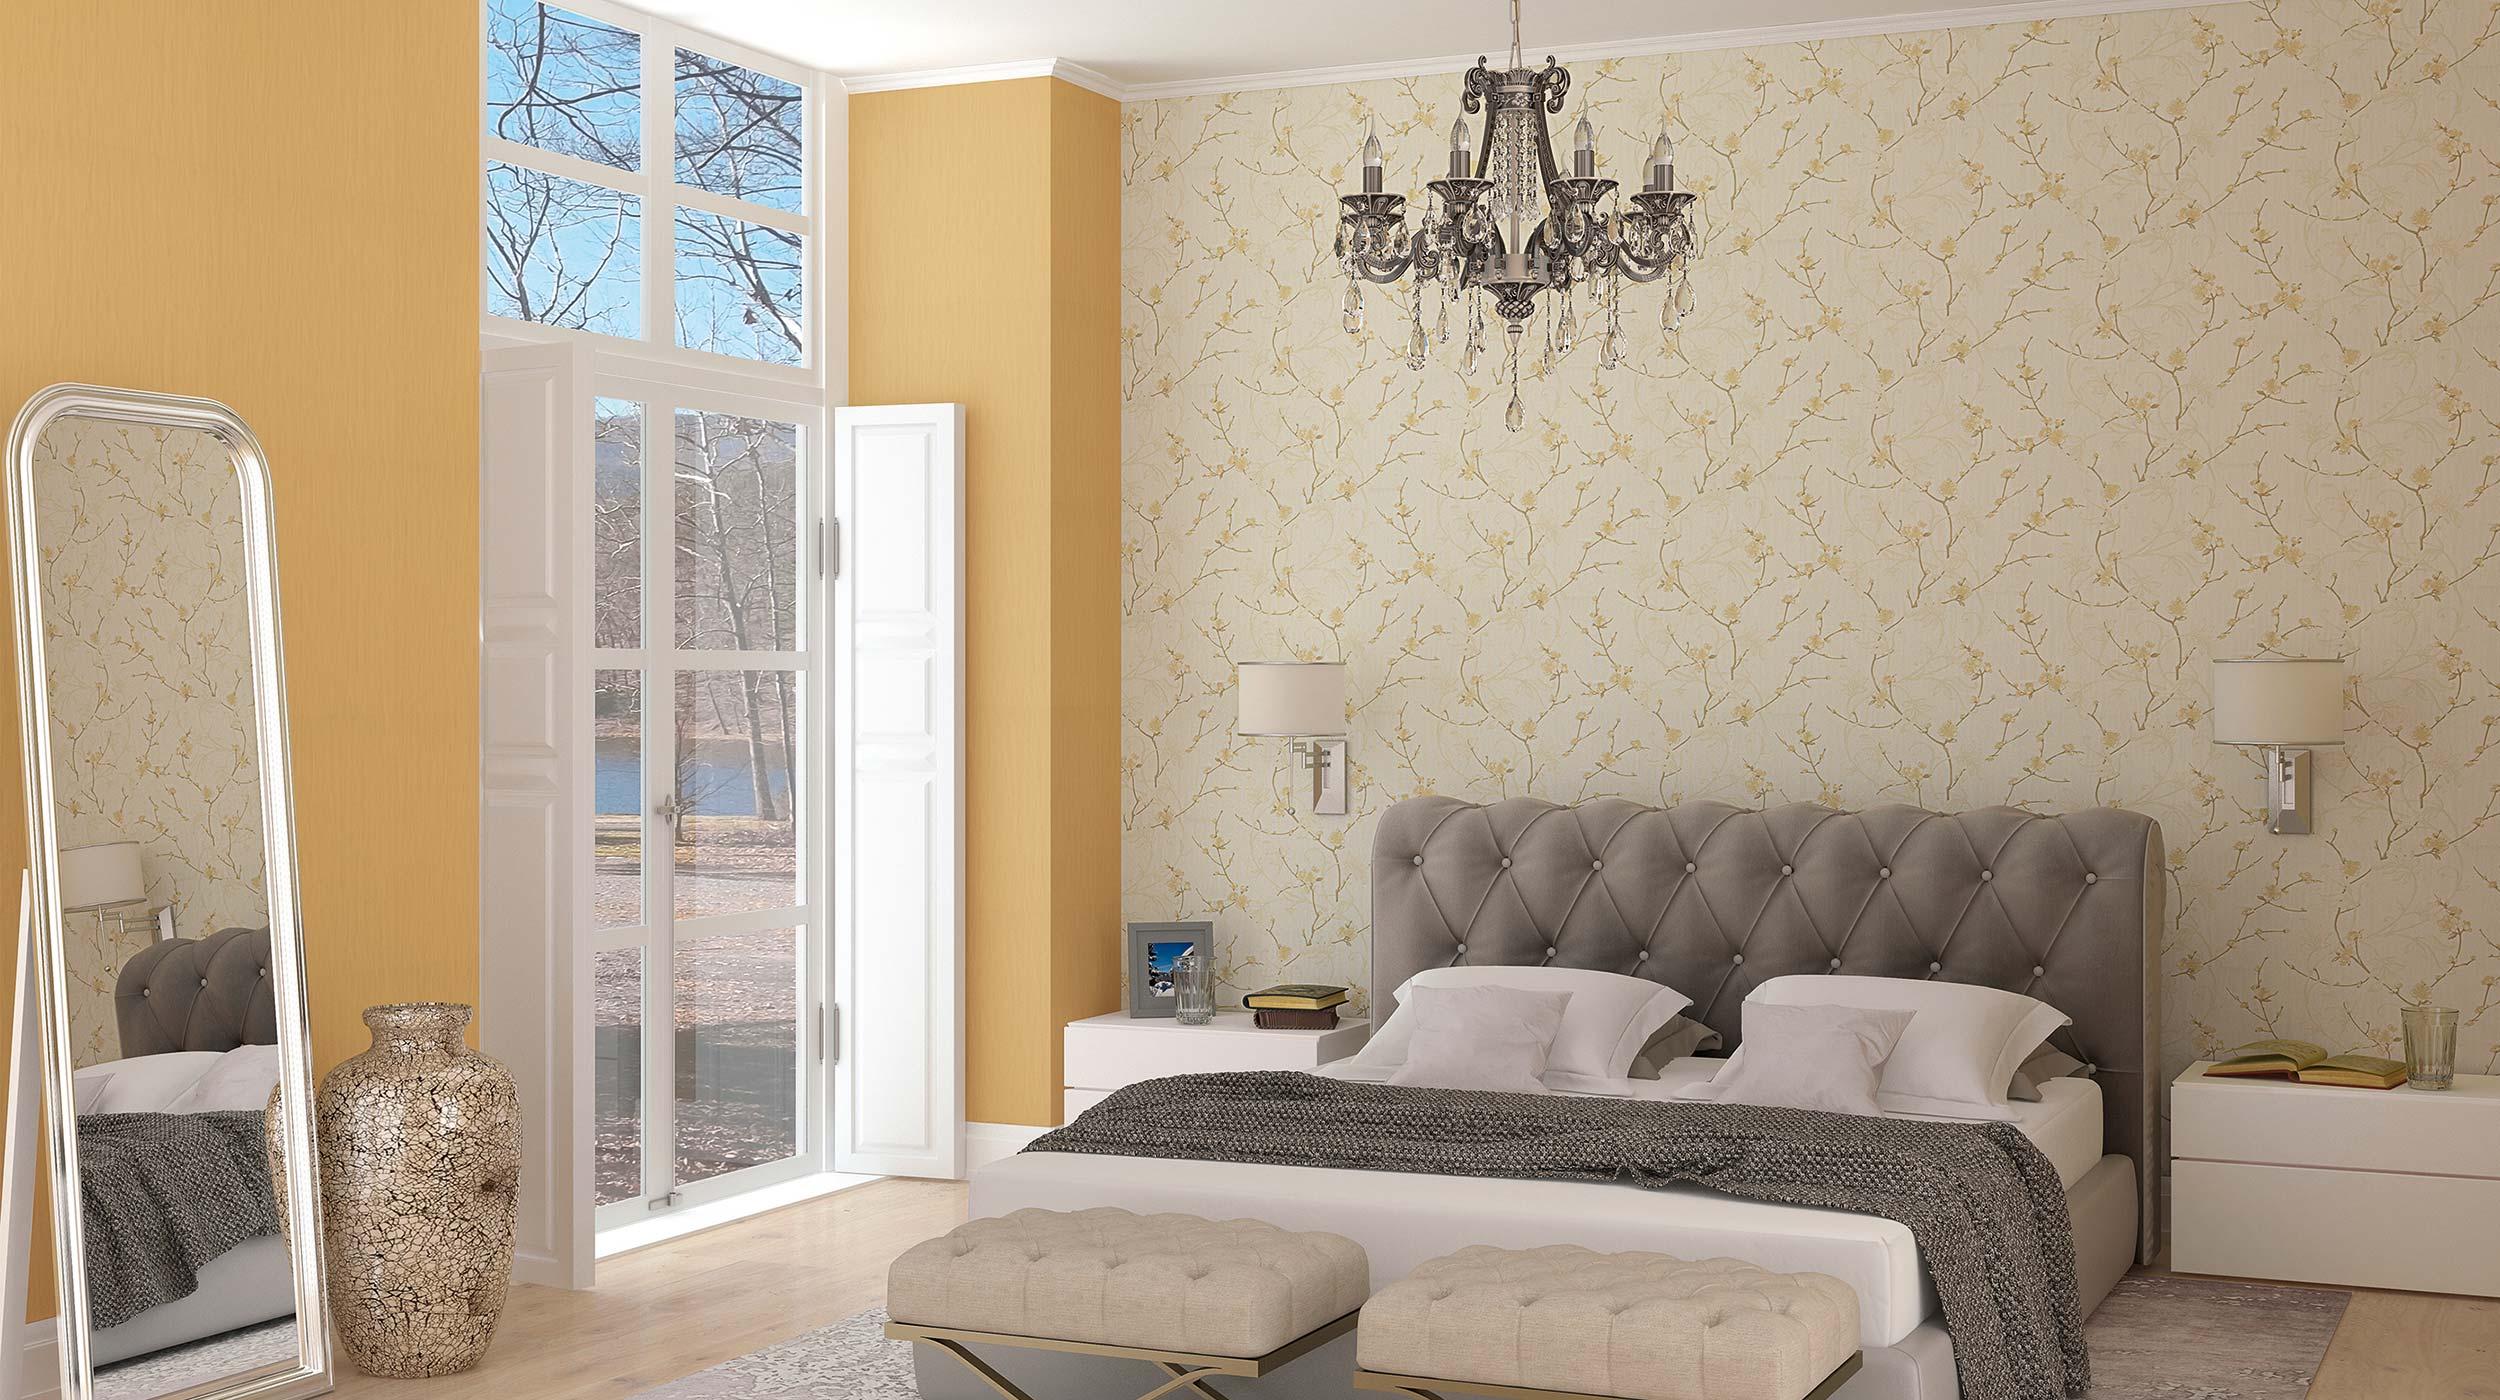 tapeten wohnzimmer gold : Eleganza Erismann Cie Gmbh